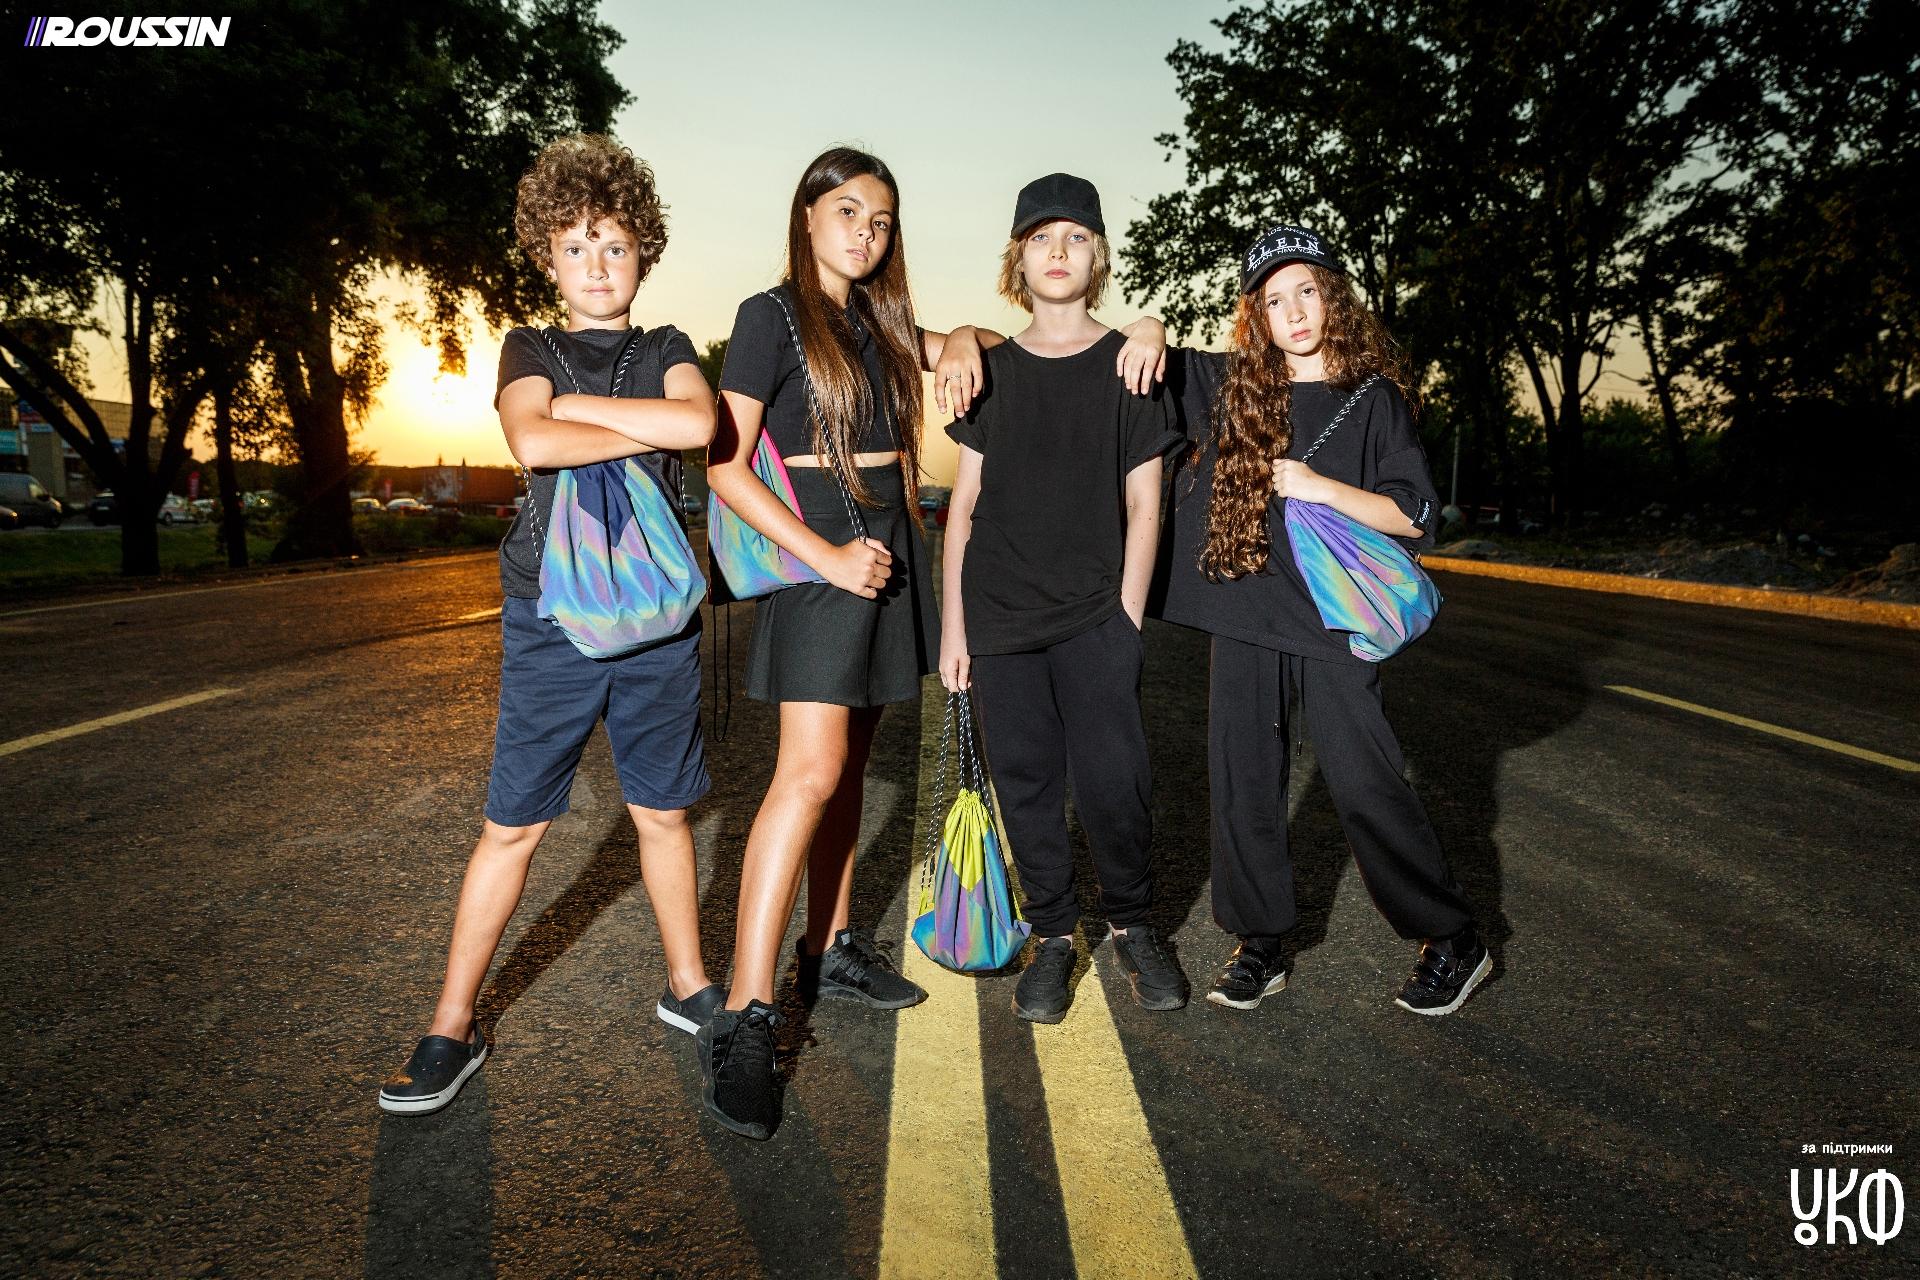 Ответственная мода: проект украинского бренда ROUSSIN продолжает уменьшать количество  ДТП с участием пешеходов - фото №2